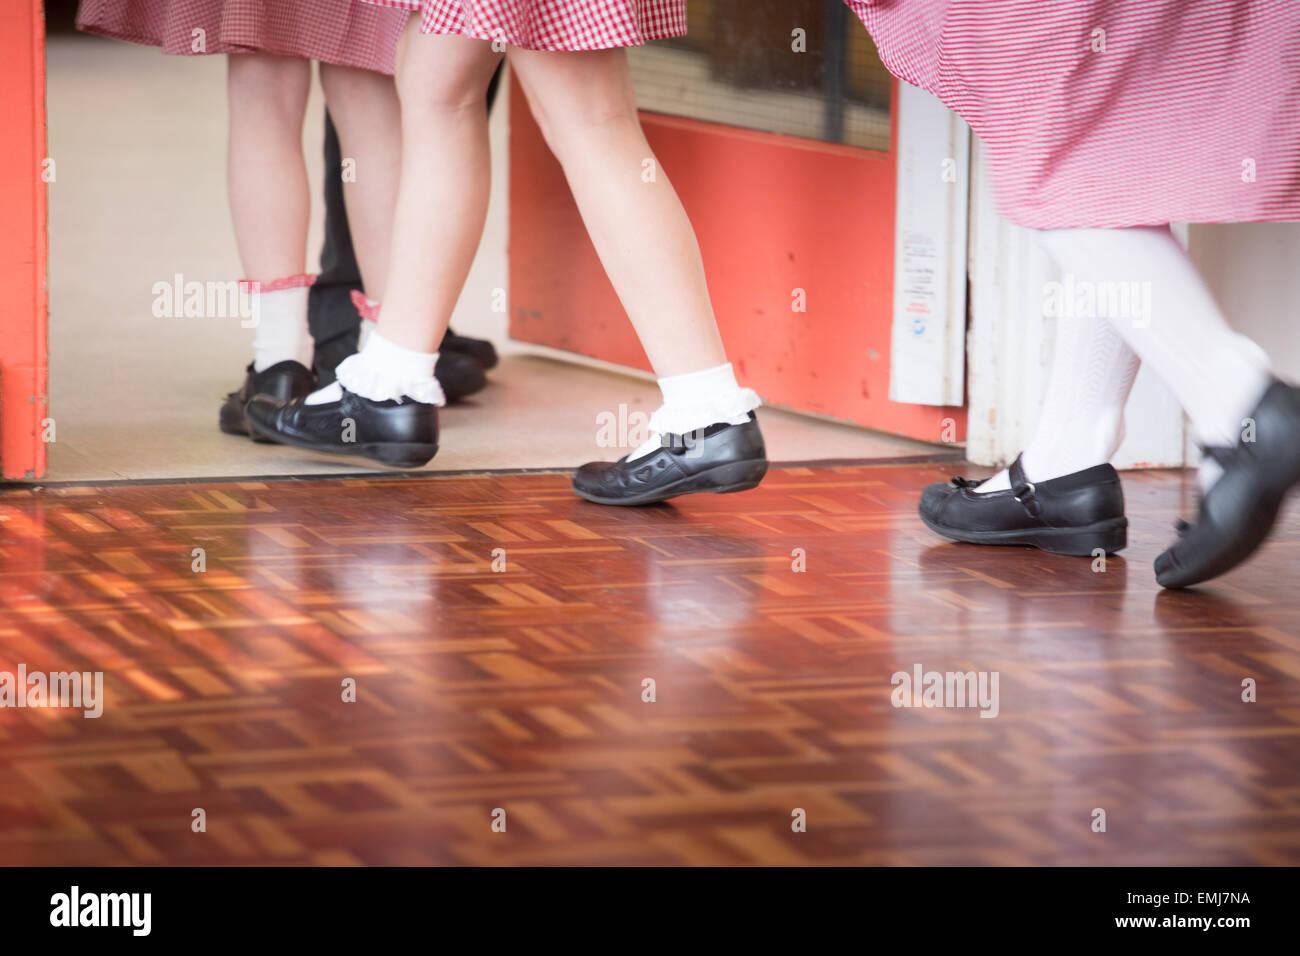 Eine Gruppe von UK Grundschulkinder belassen die Aula nach der Montage - nur Beine und Füße zeigen. Stockbild